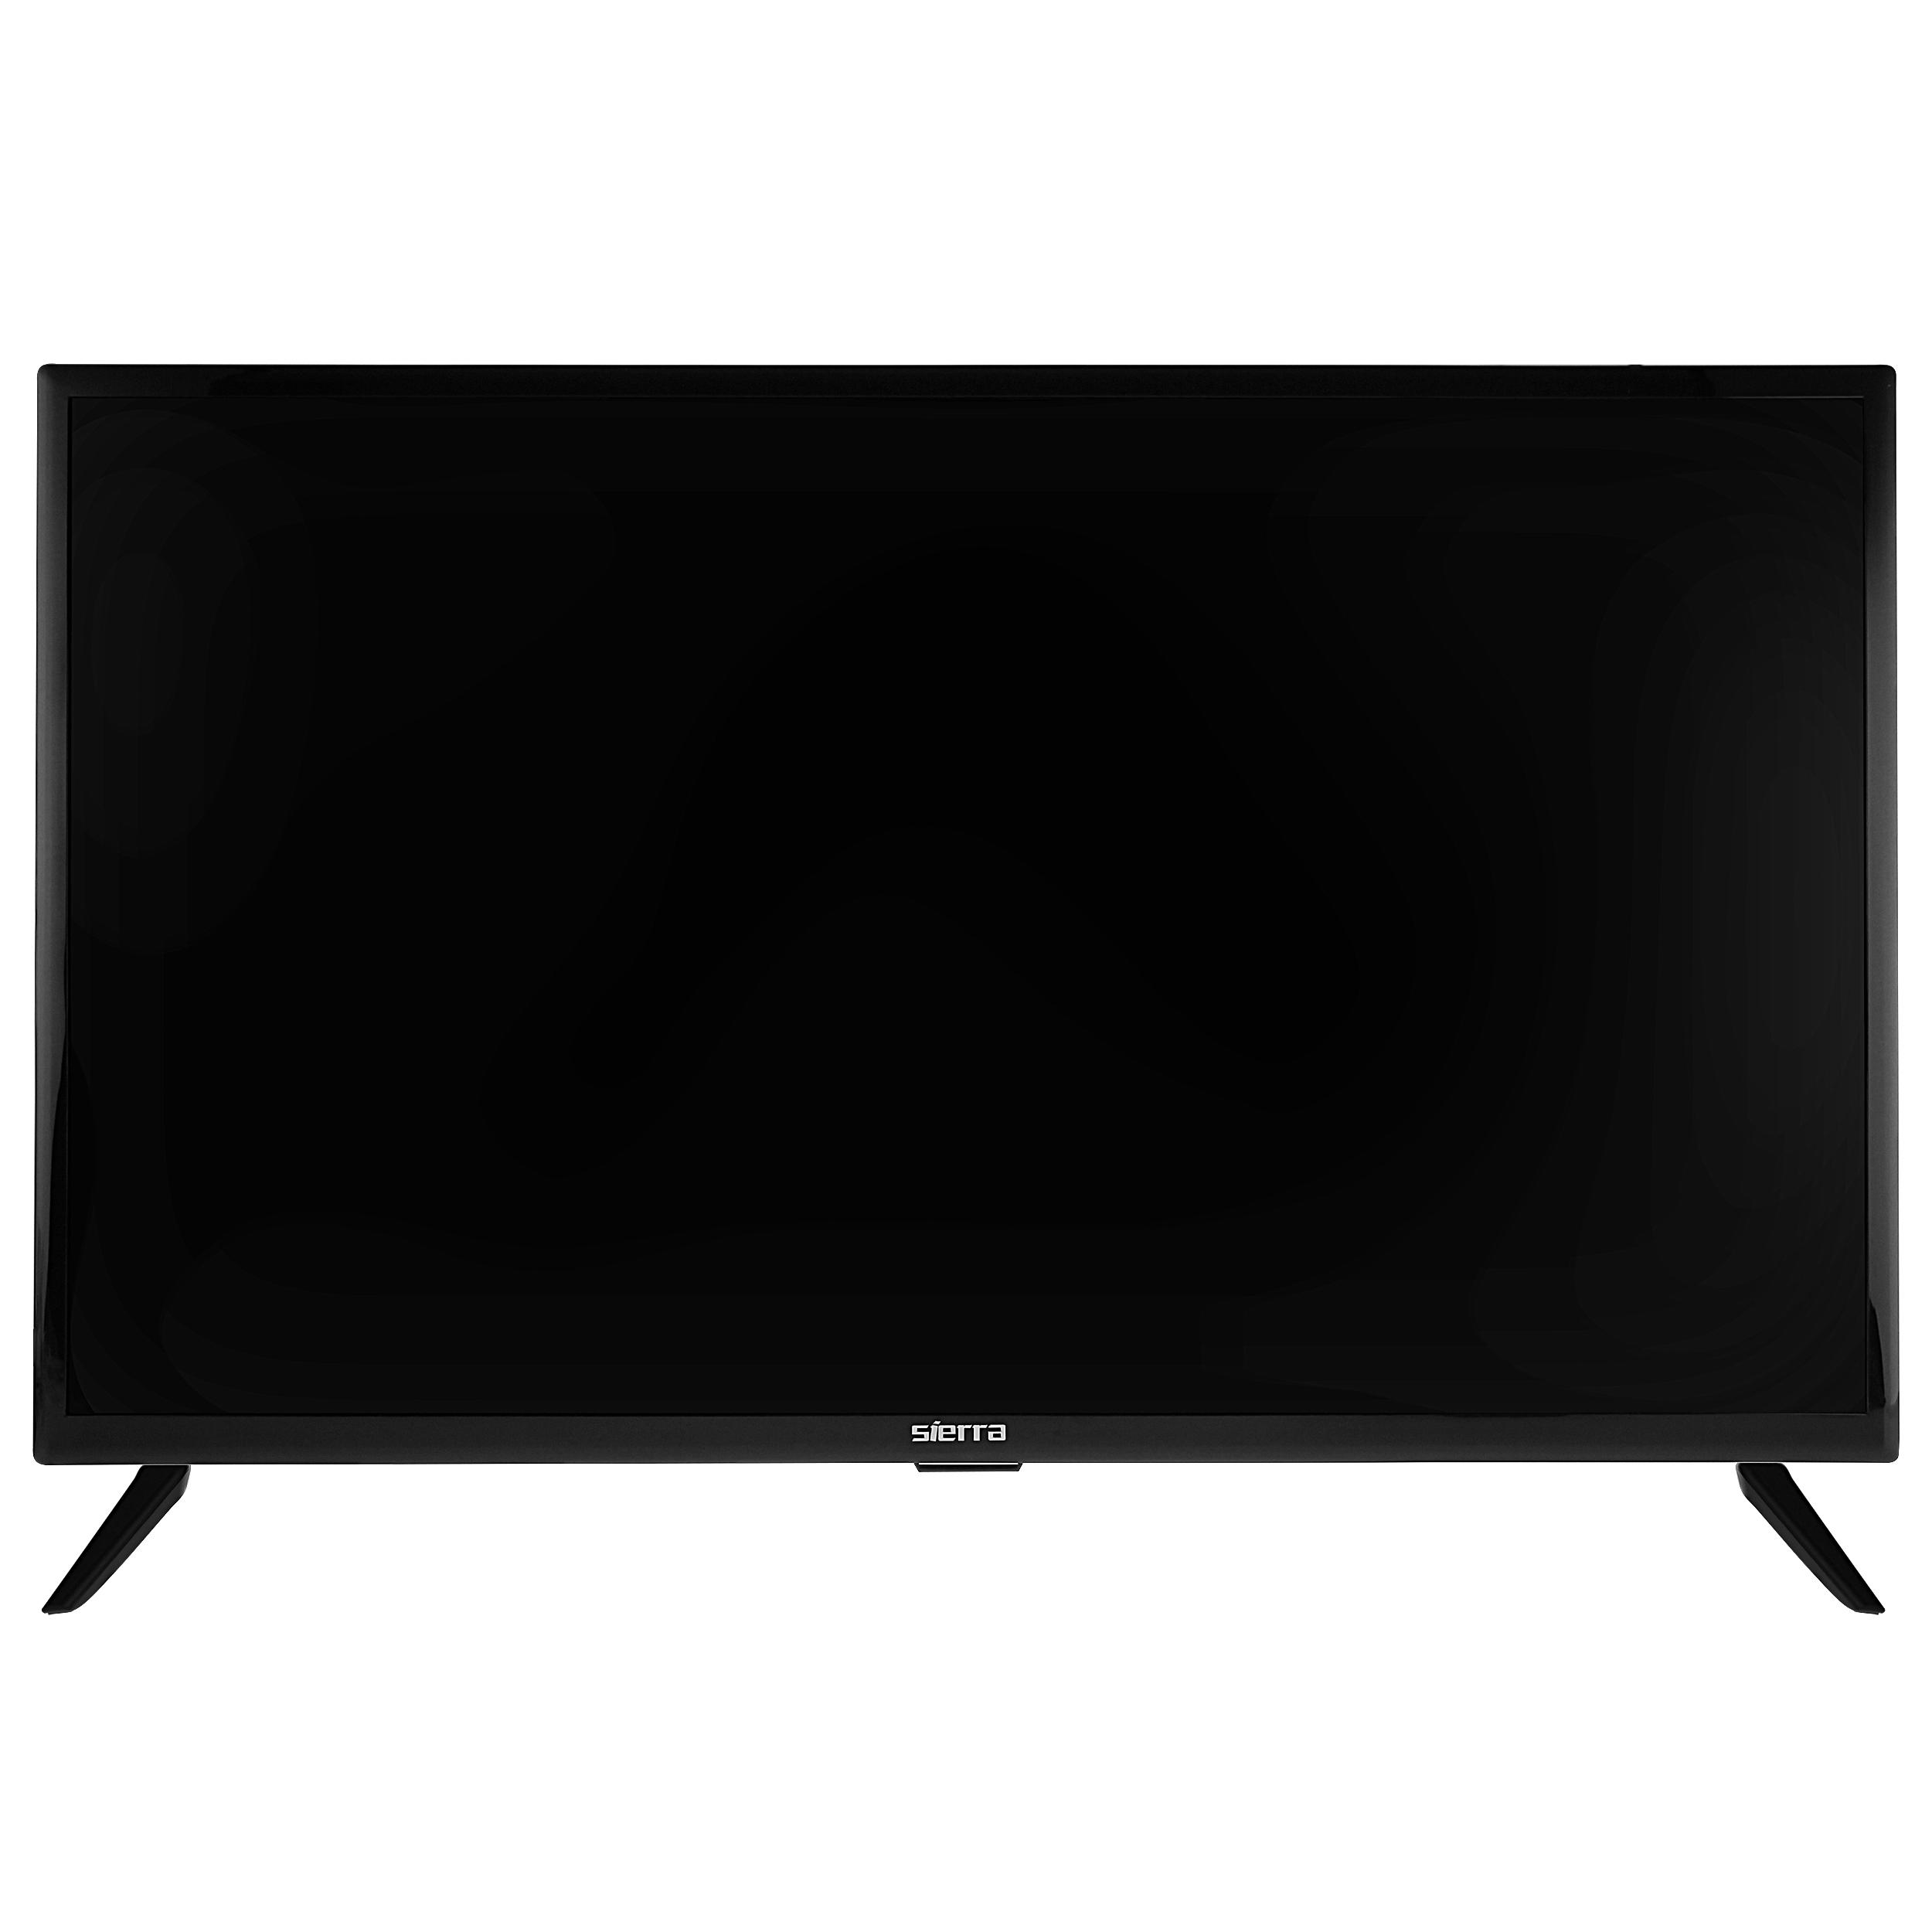 تلویزیون ال ای دی سی یرا مدل SR-LE32501 سایز 32 اینچ